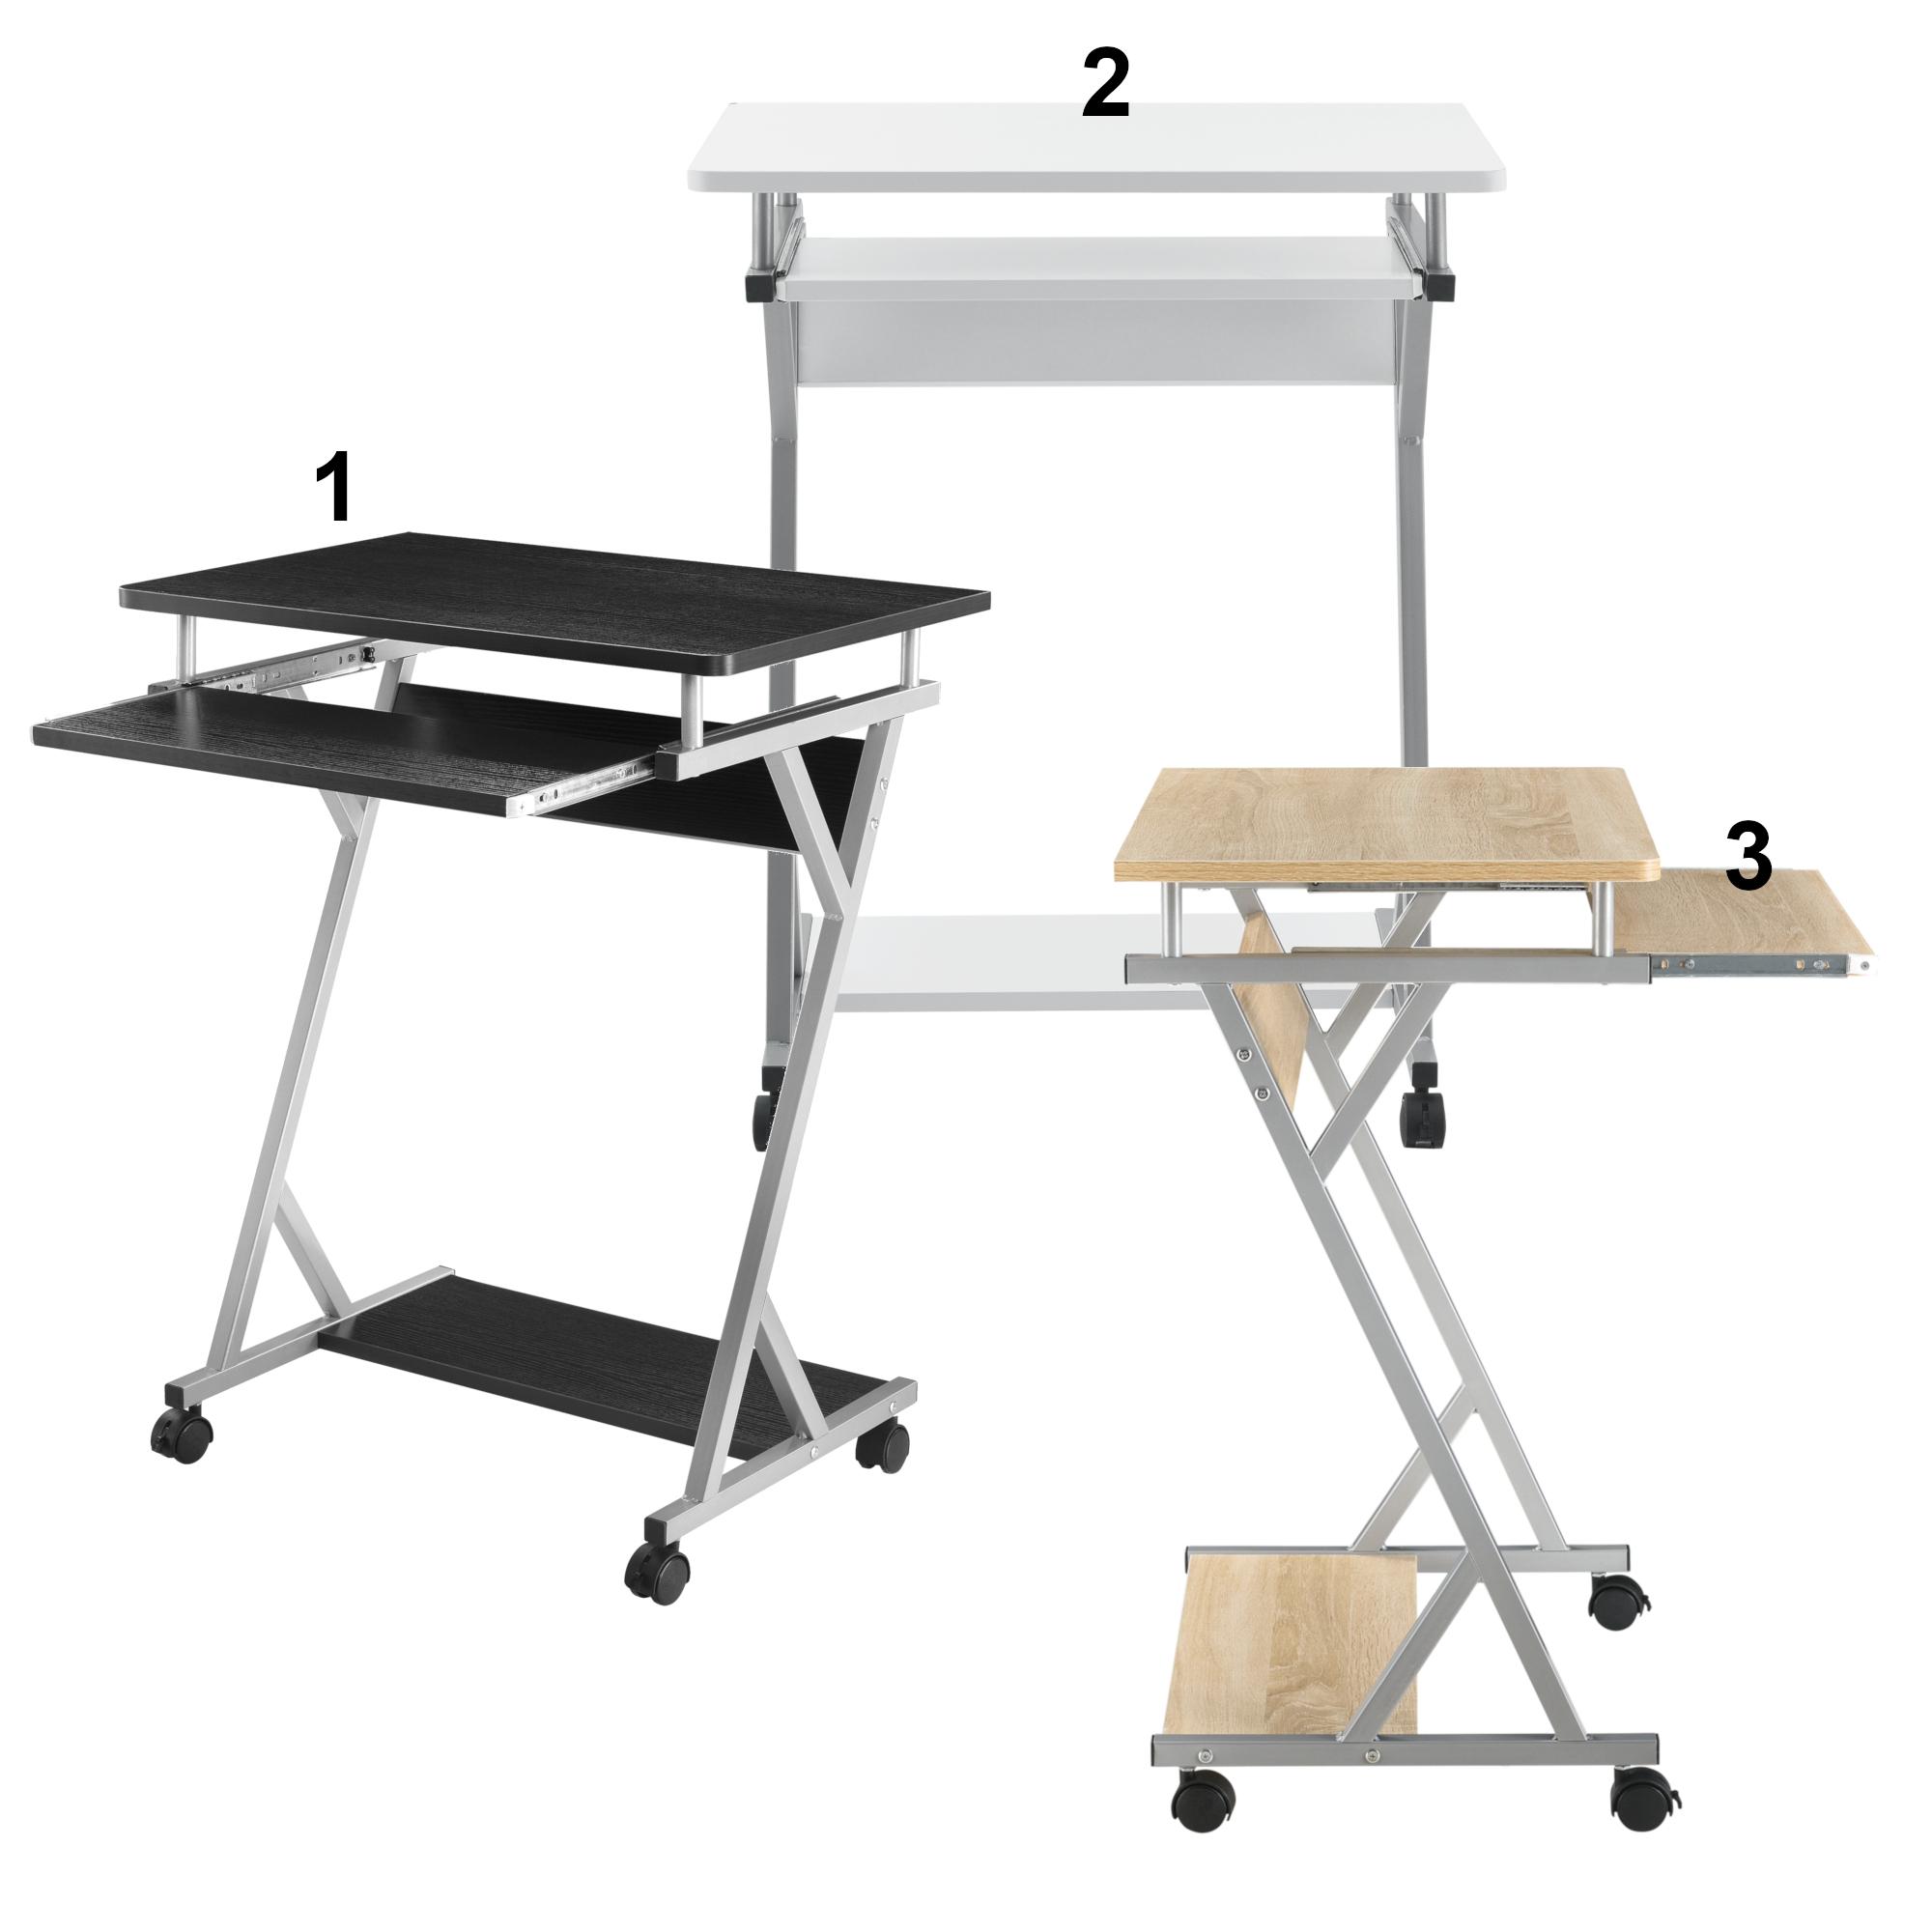 Schreibtisch 60x40x75cm Eiche Rollbar Computertisch Bürotisch Tisch